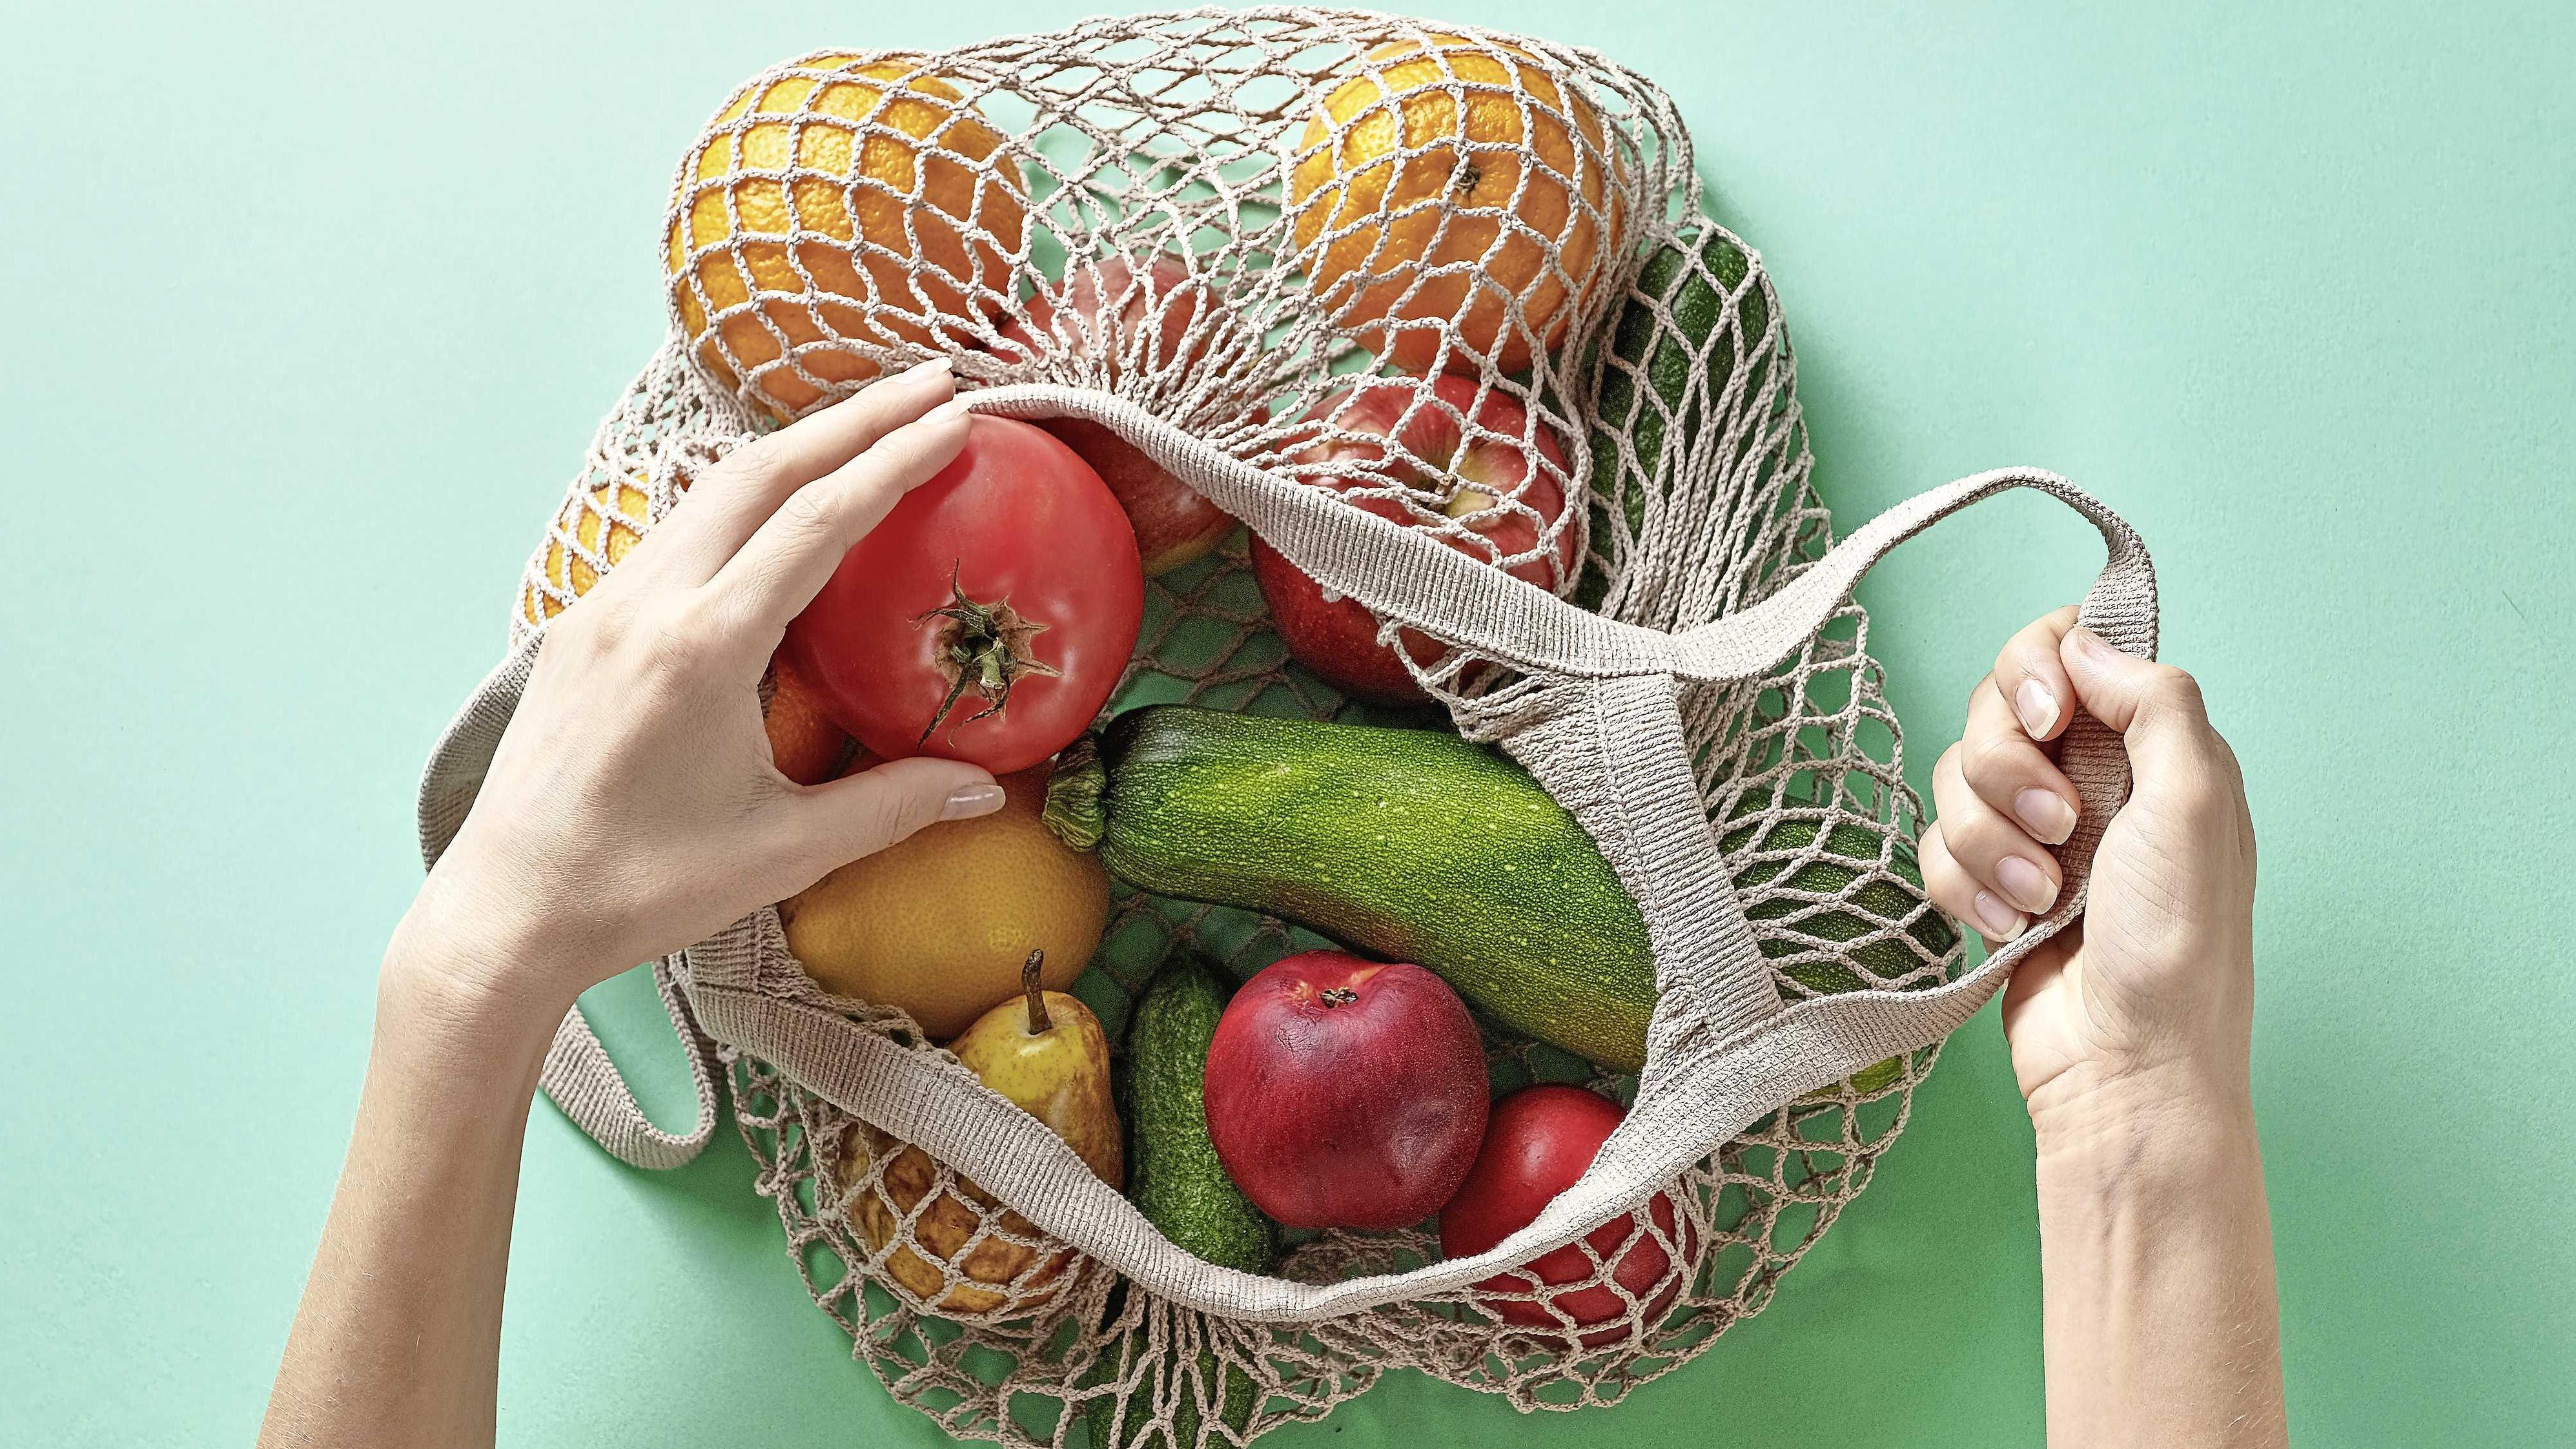 Moet er een subsidie op groente en fruit komen?